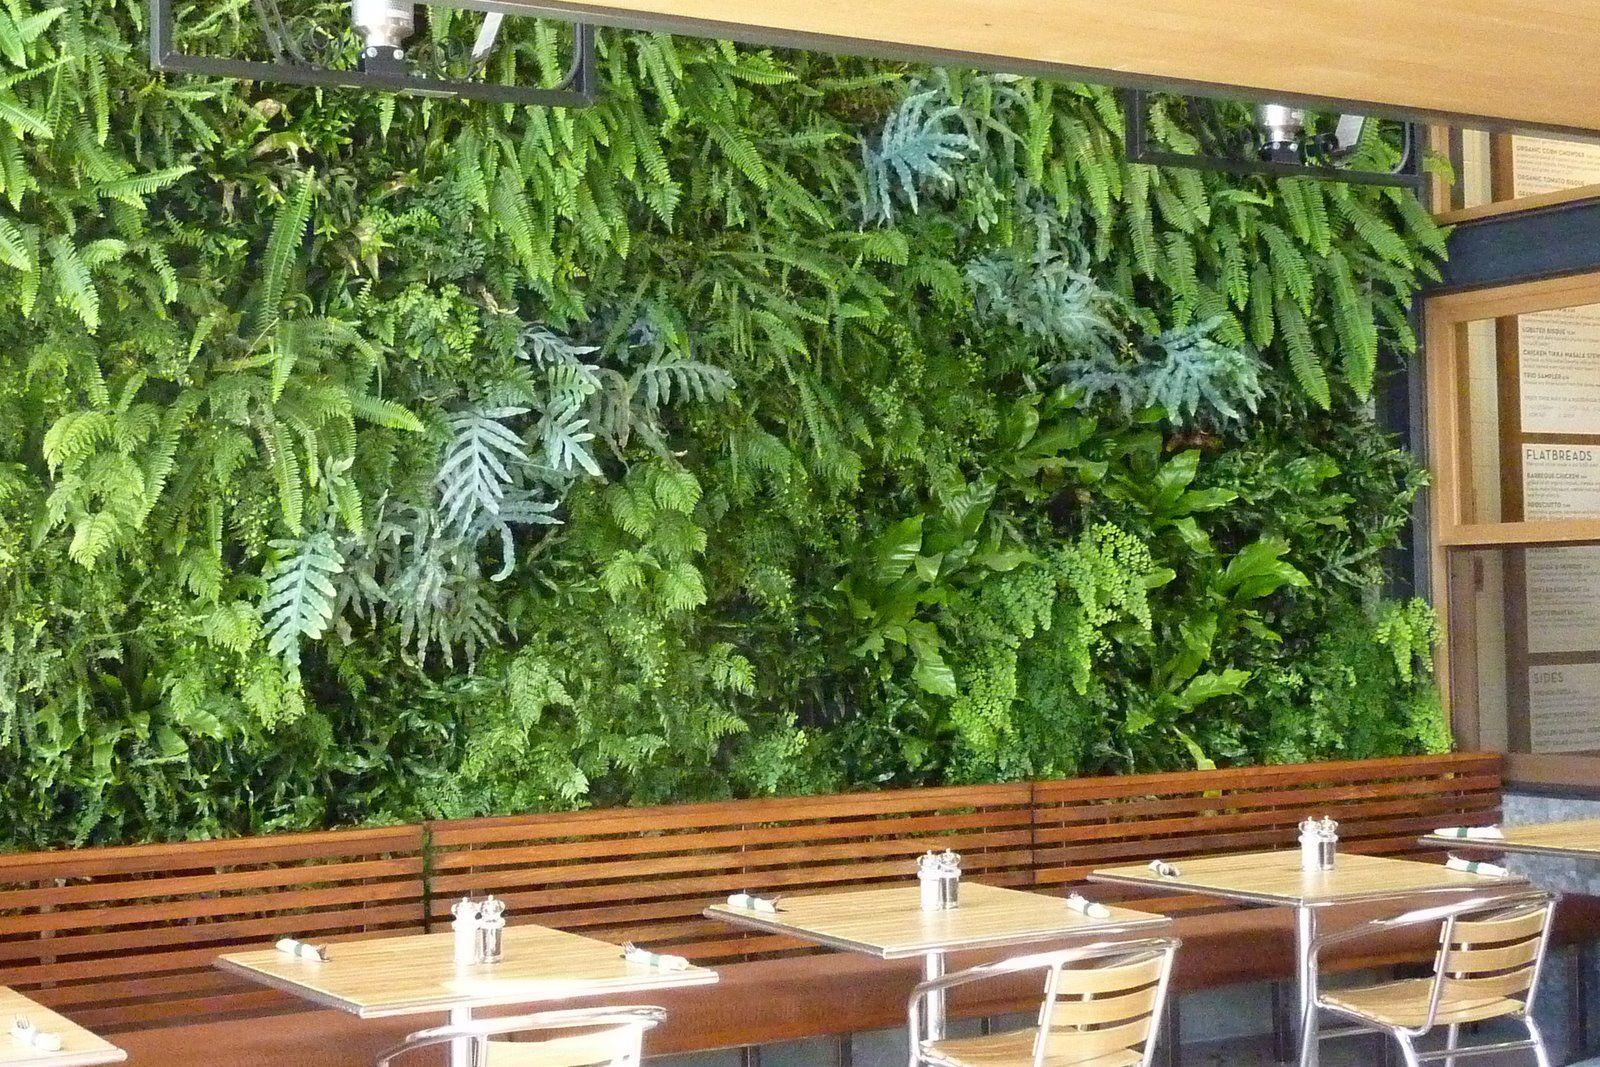 Vertical Wall Garden Ideas how to make a vertical garden vertical gardens are a clever way to make the Vertical Garden Ideasjpg 16001067